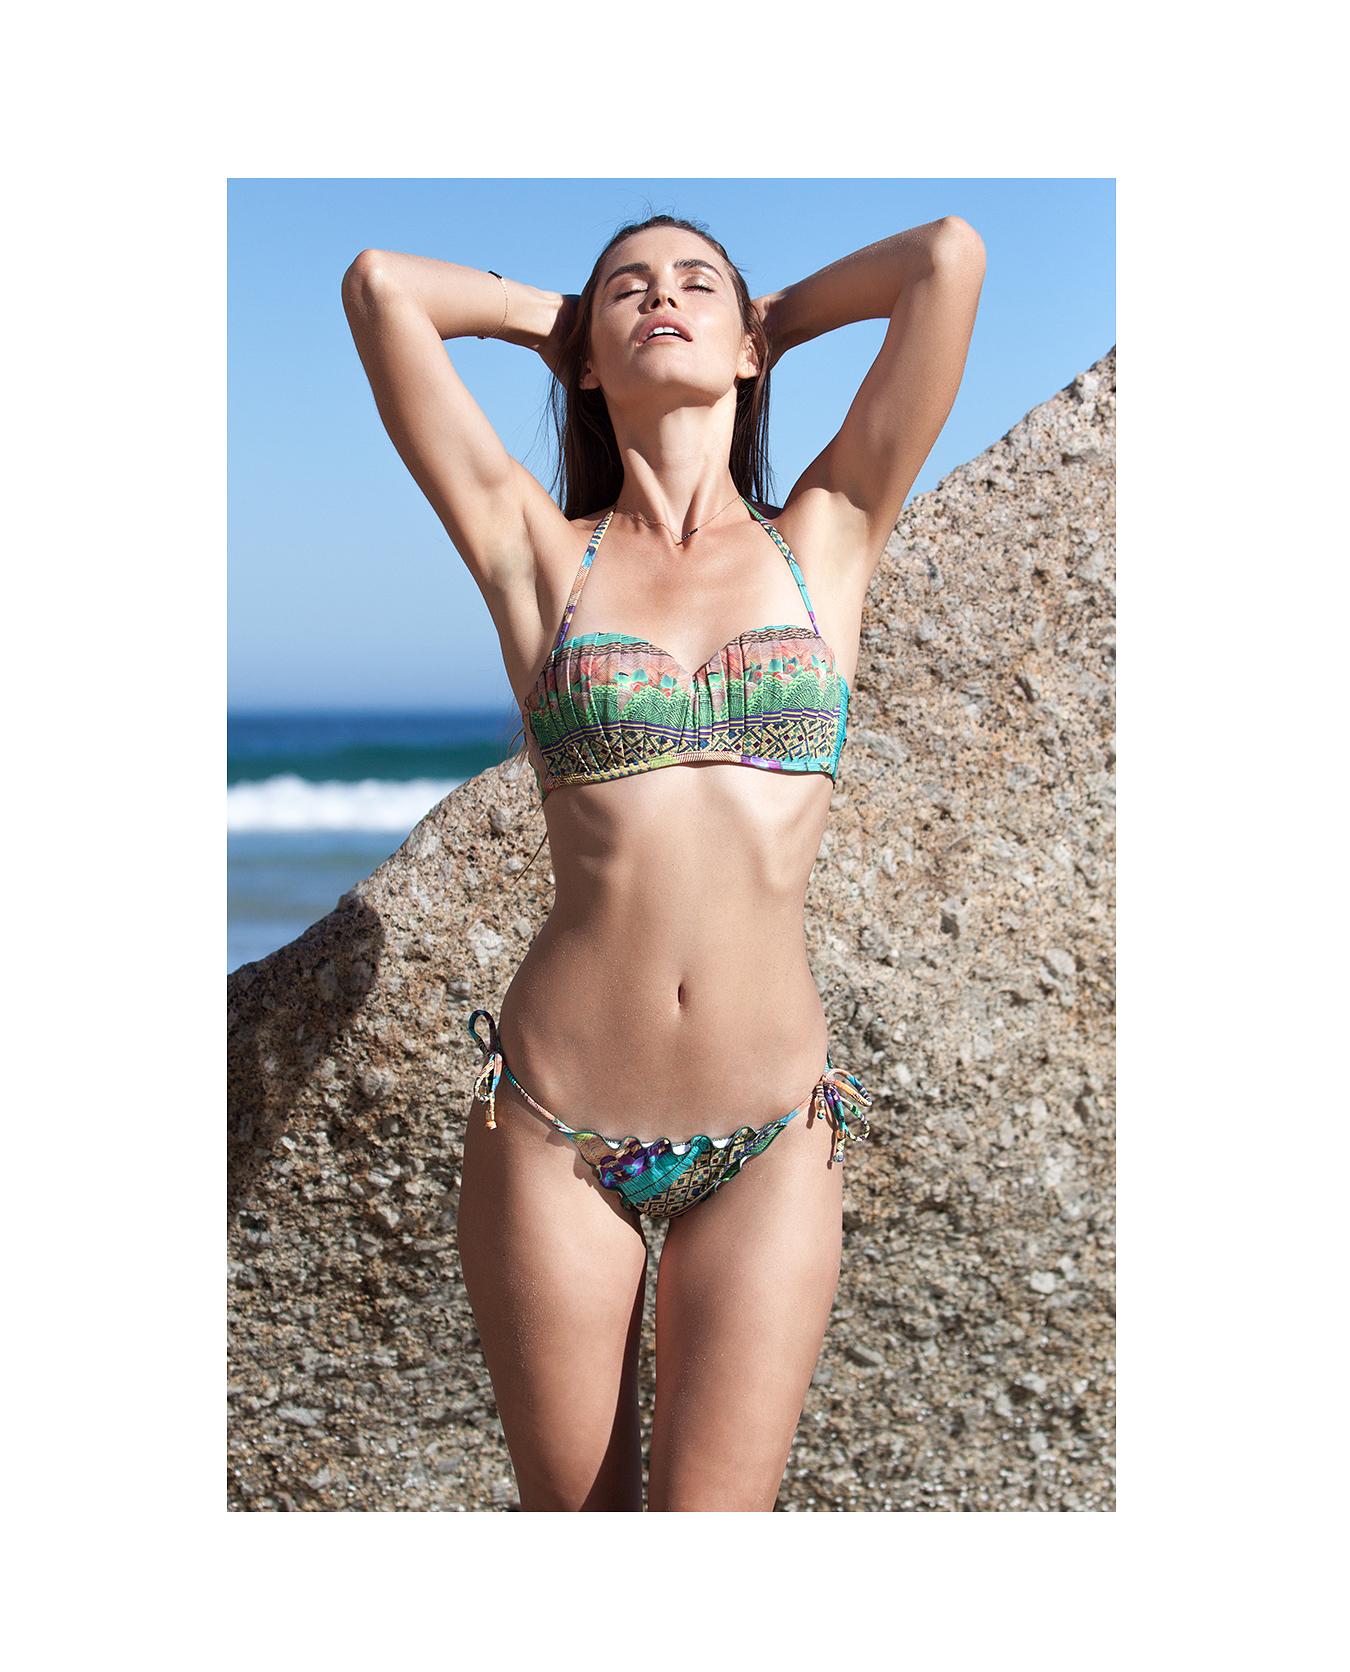 Selfie Marike Wessels naked (19 photo), Pussy, Is a cute, Twitter, in bikini 2006